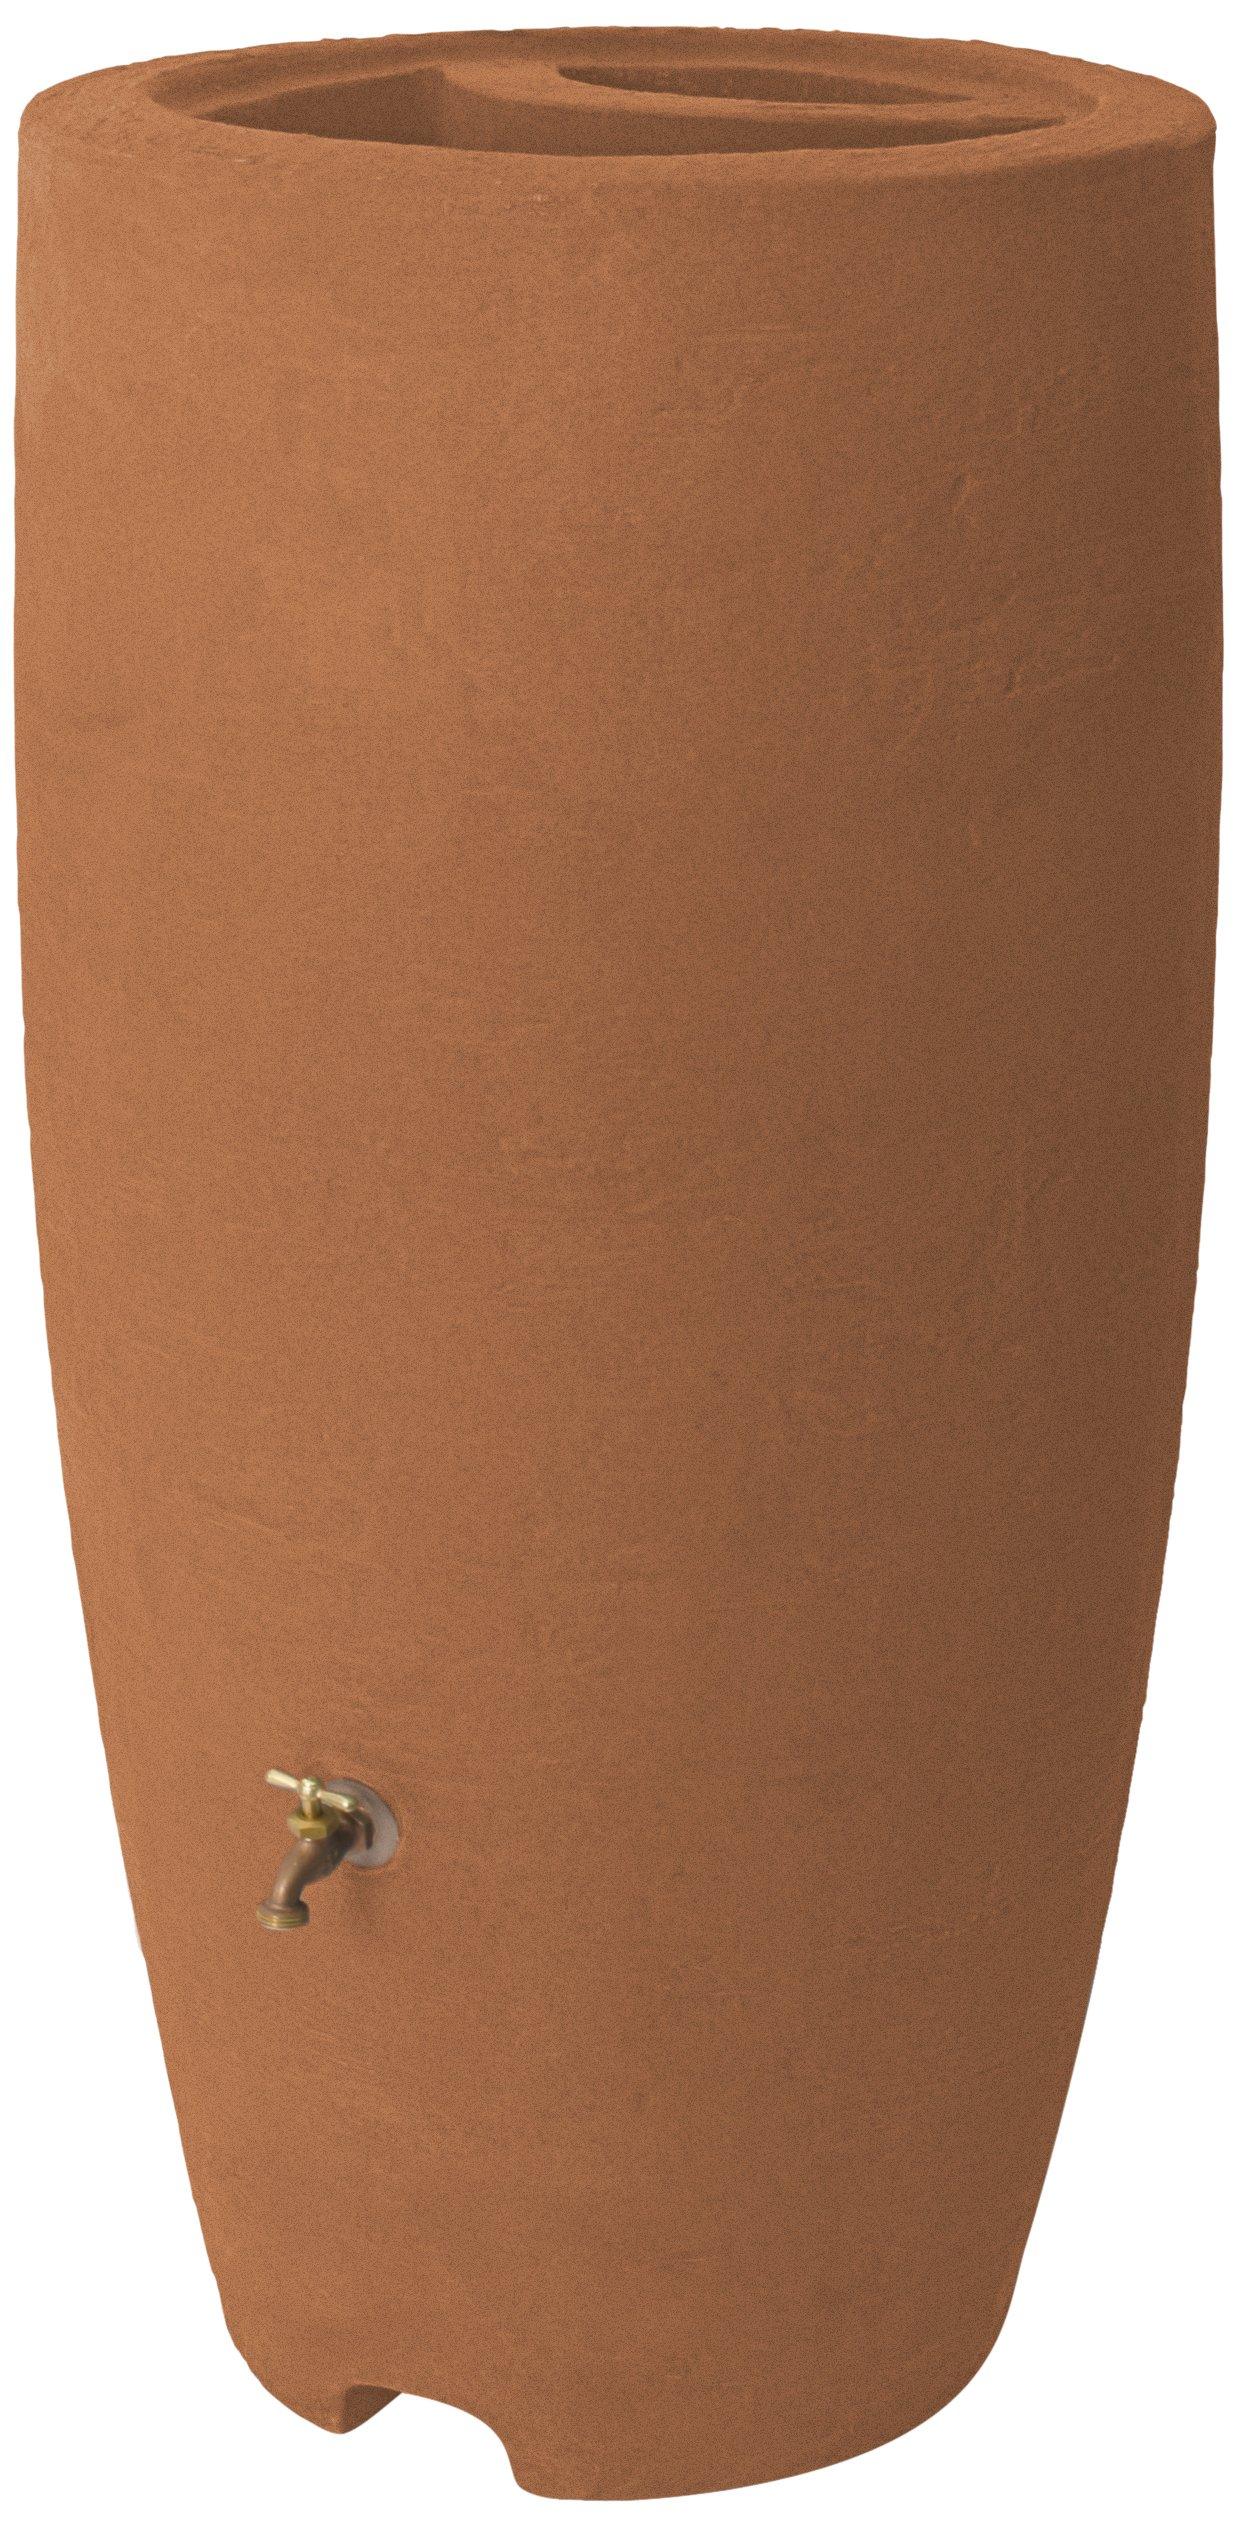 Algreen Products Athena Rain Barrel 80-Gallon, Terra Cotta